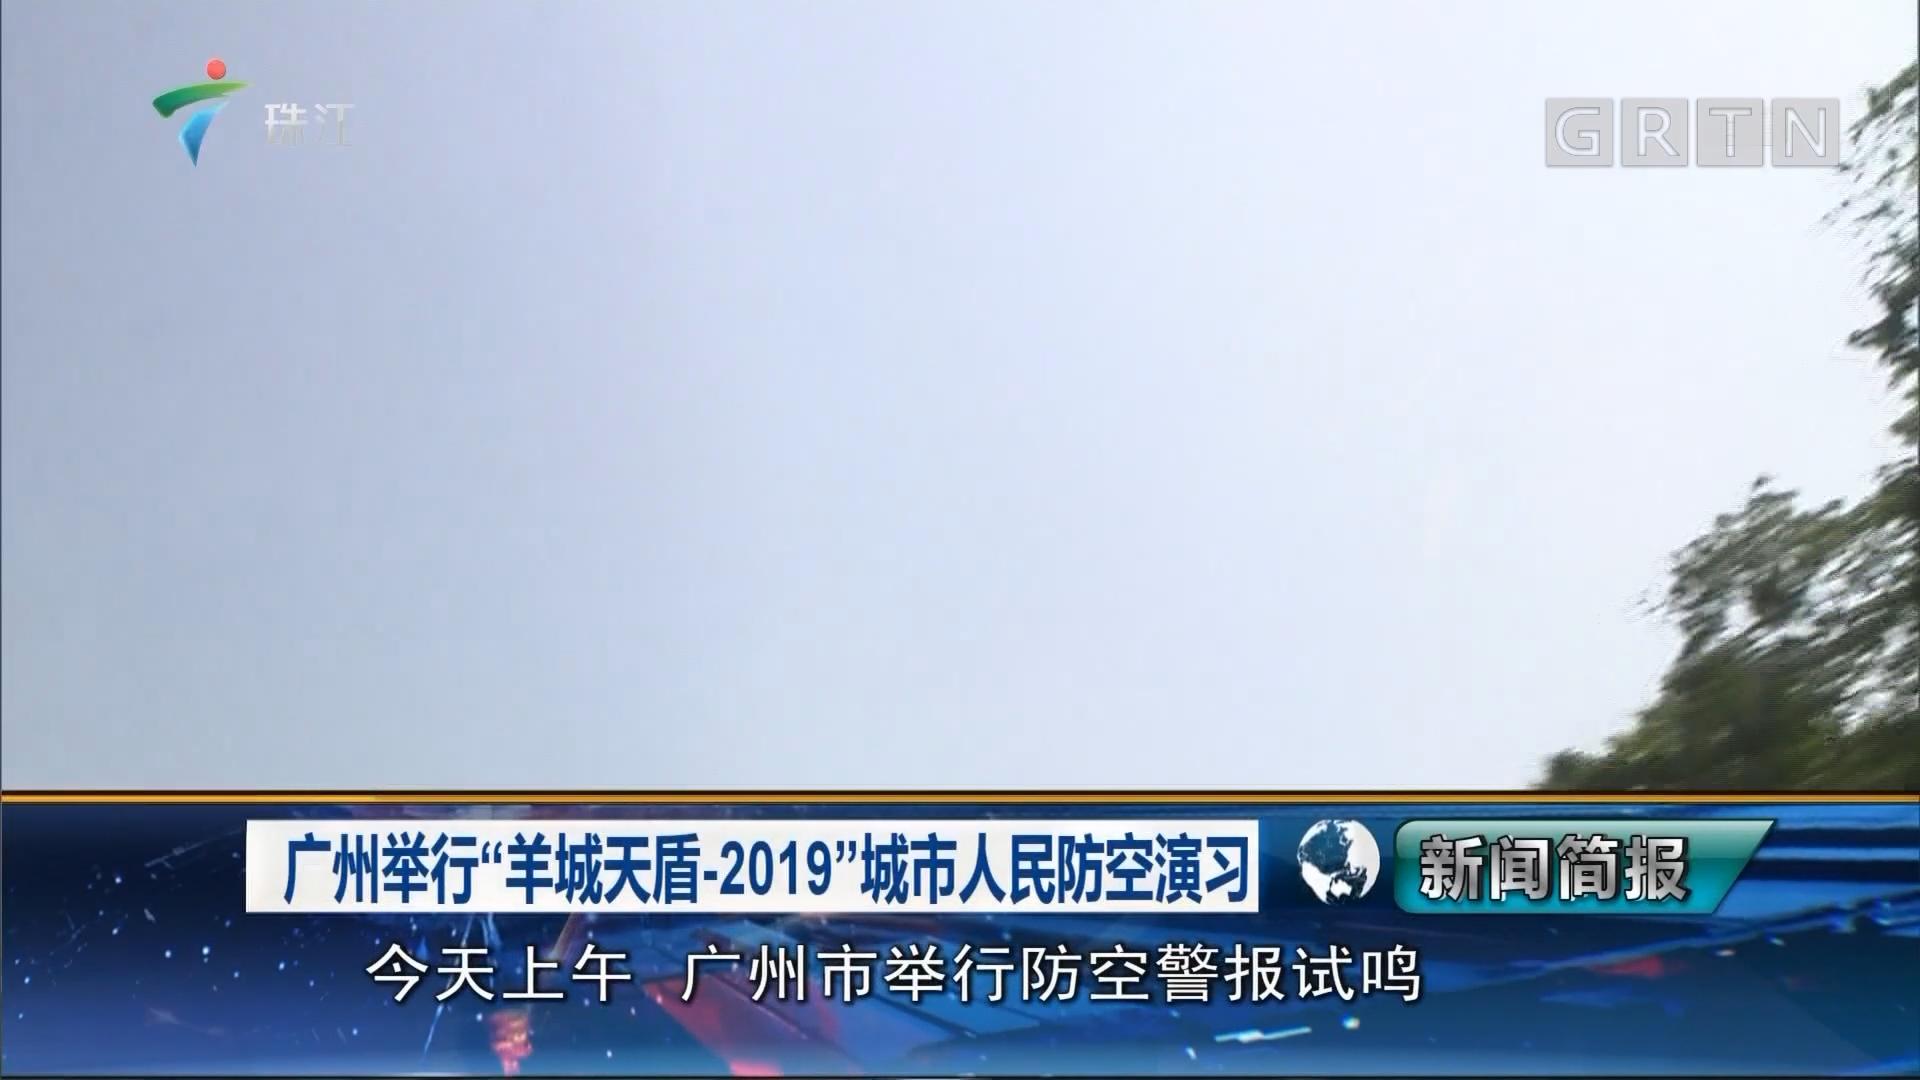 """广州举行""""羊城天盾-2019""""城市人民防空演习"""